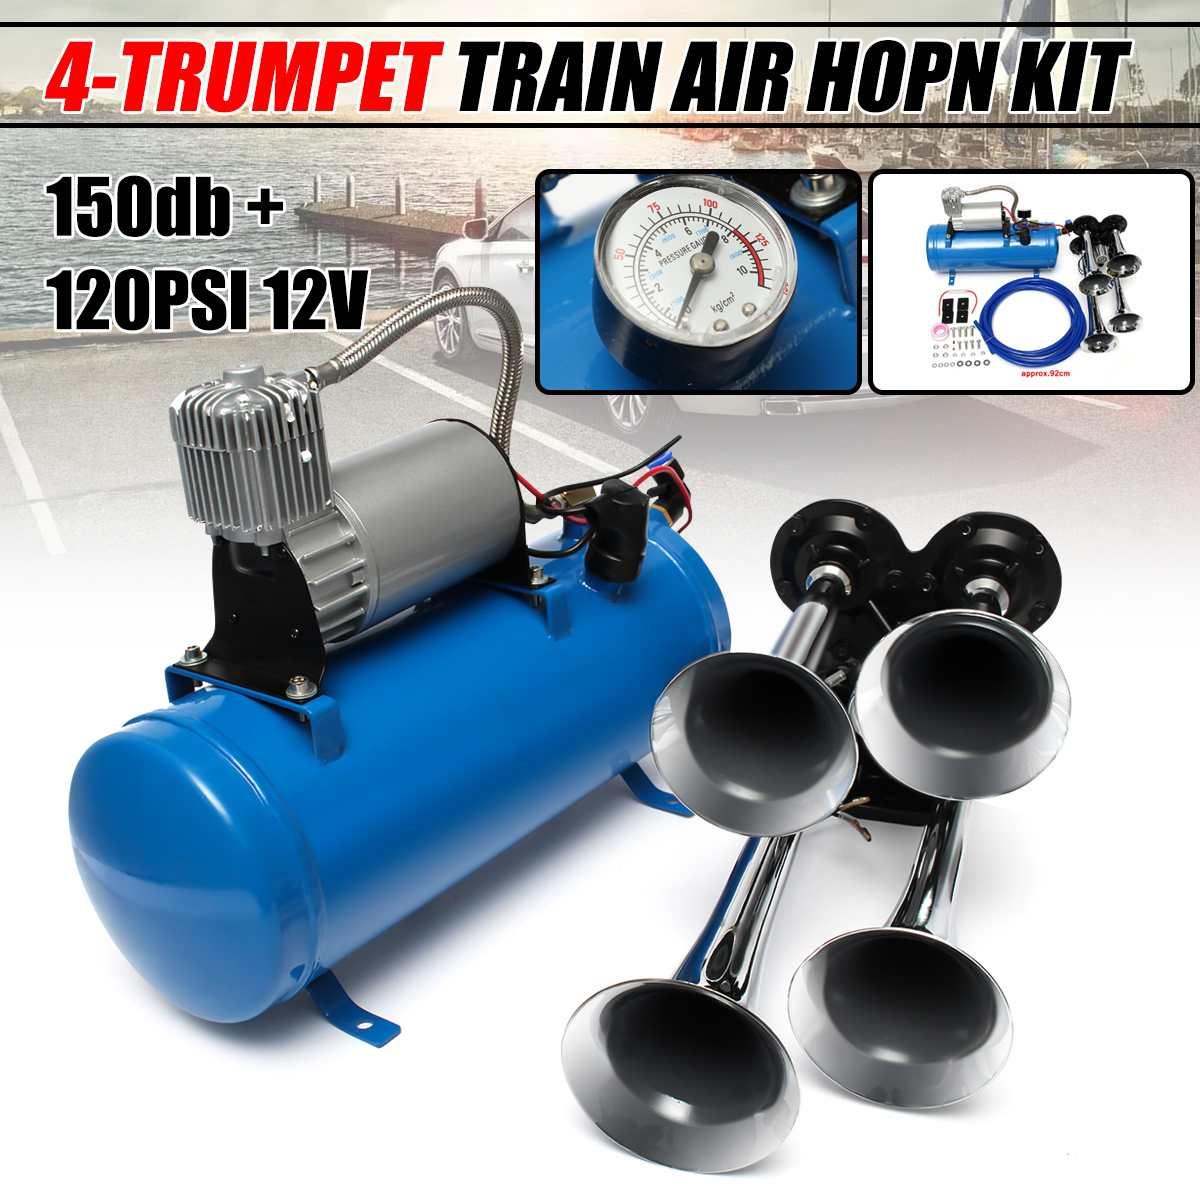 12 فولت/24 فولت 120 رطل لكل بوصة مربعة 4 قطار الهواء الكروم القرن البوق سيارة الأزرق ضاغط أنابيب 150dB